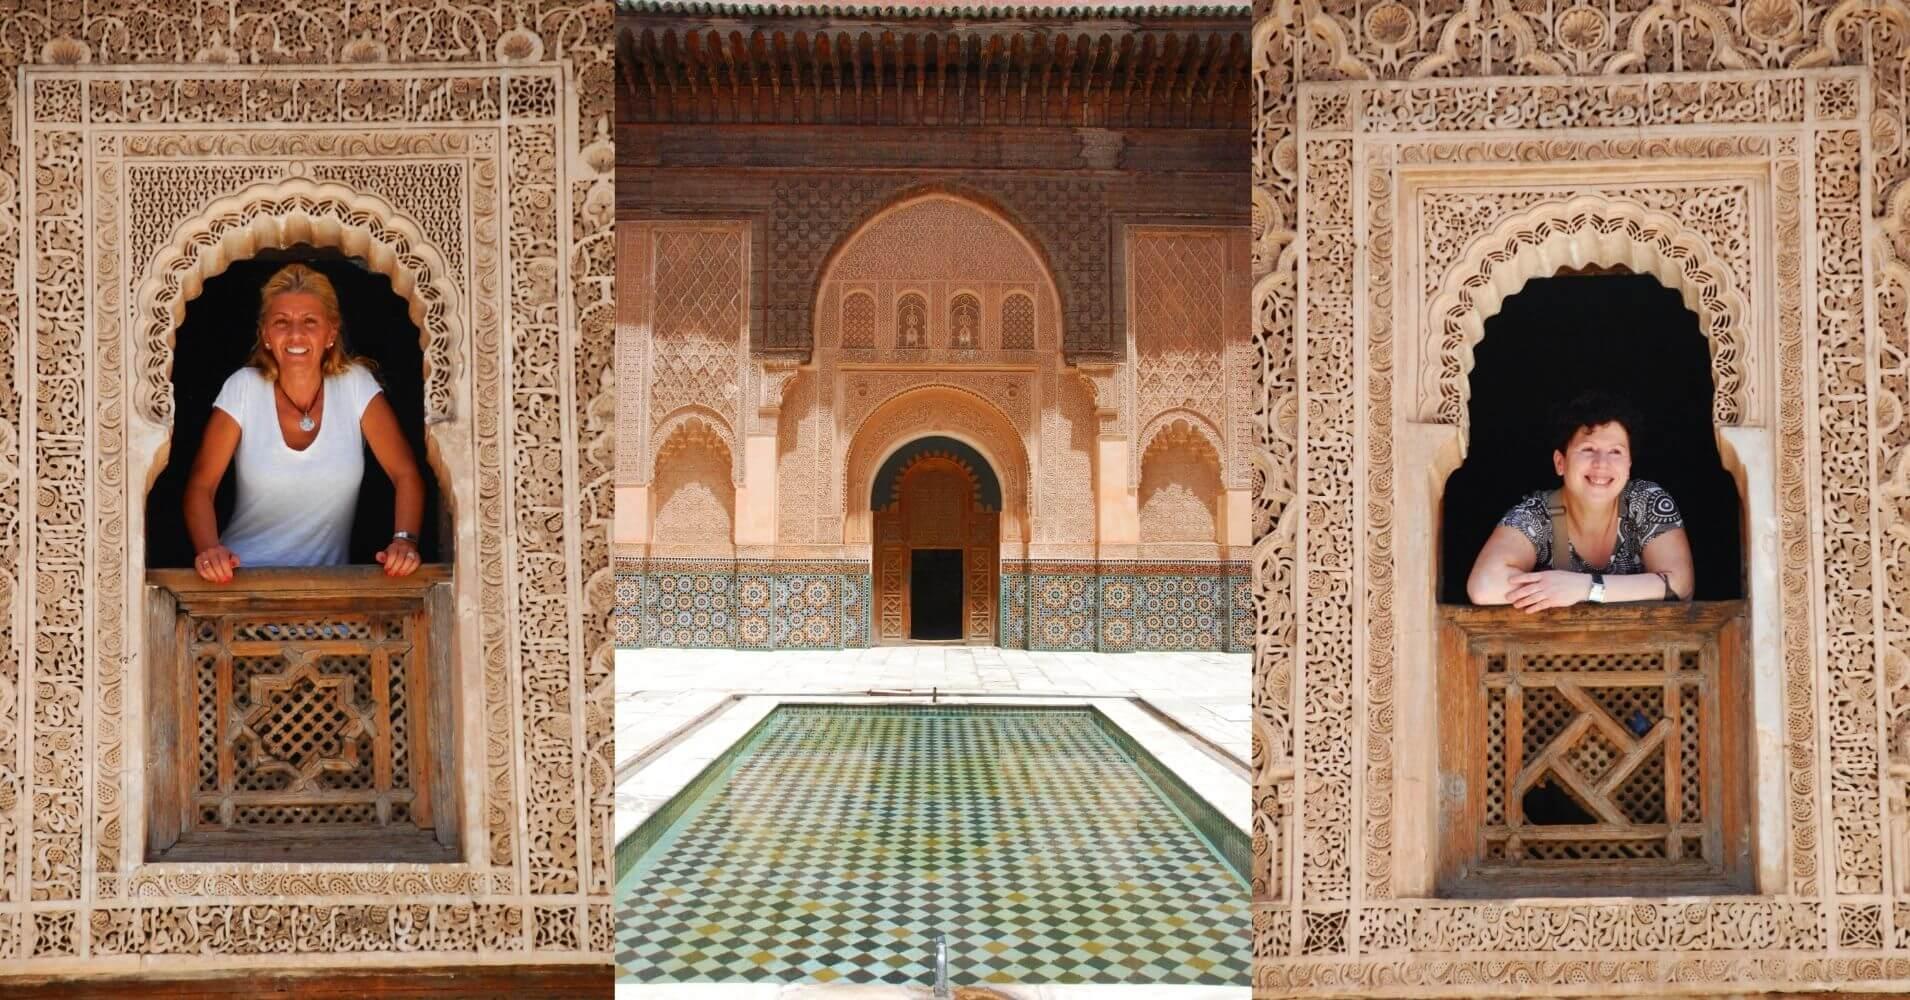 En la Madraza de Ben Youssef, Marrakech. Marruecos.